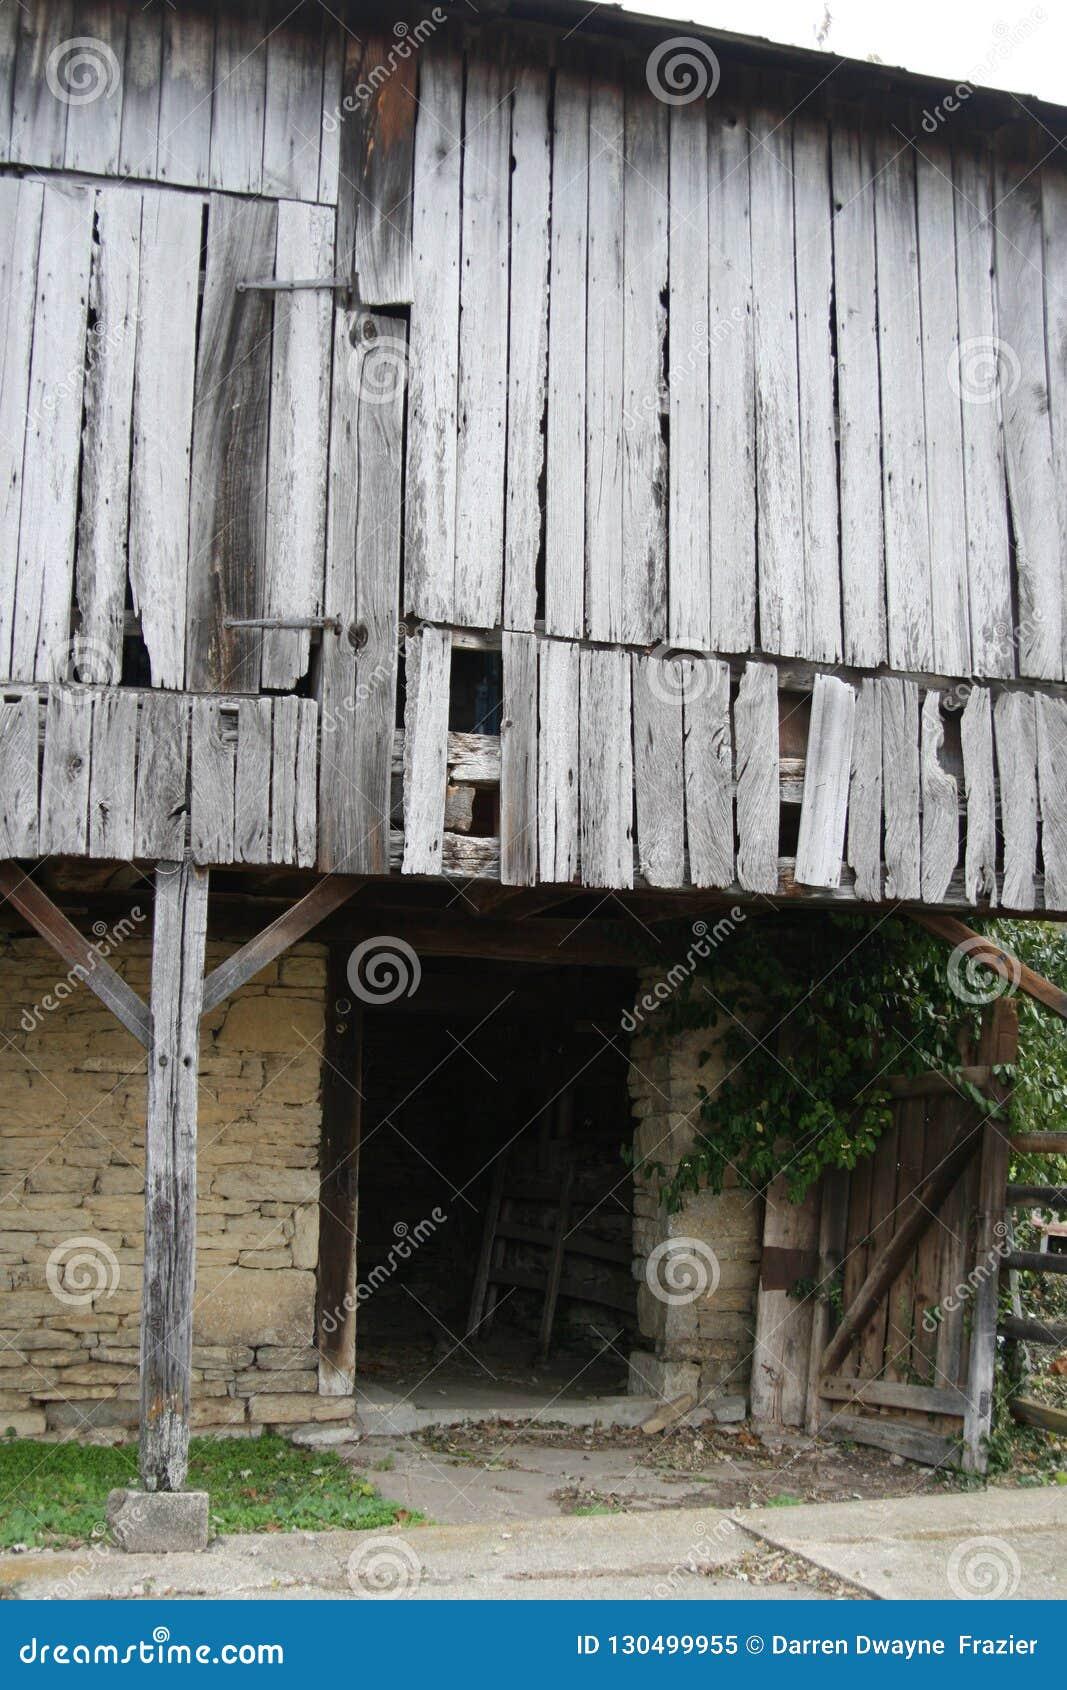 Bleached wood Barn